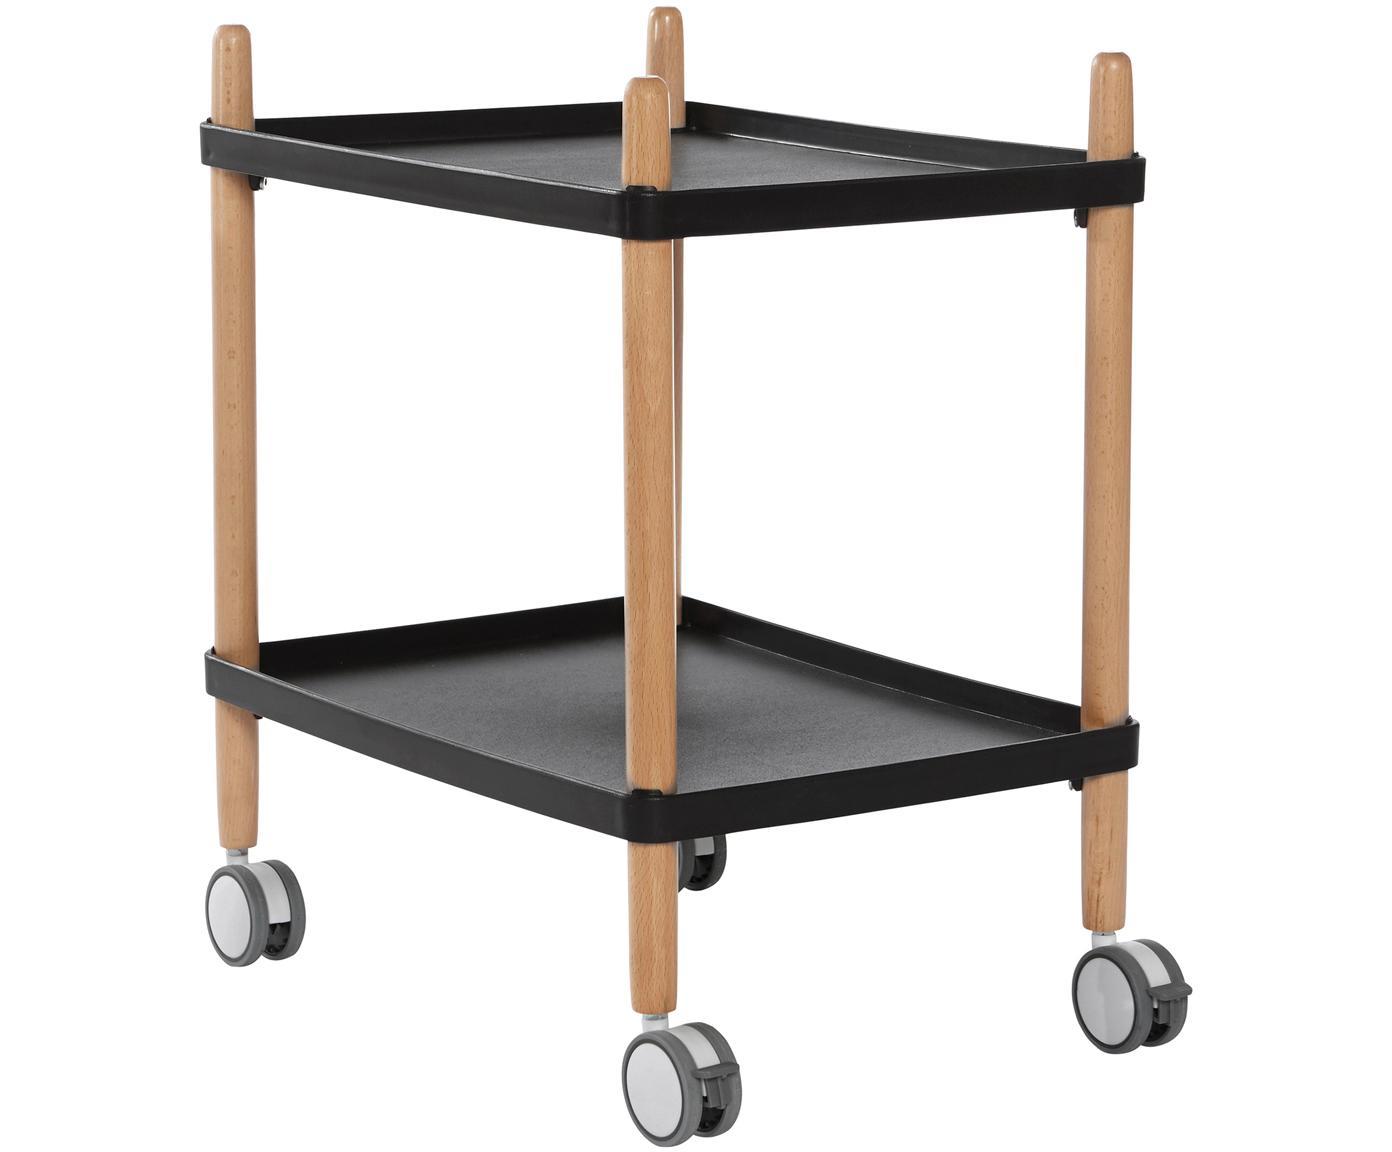 Camarera Åsa, estilo escandinavo, Estantes: polipropileno (plástico), Estructura: madera de haya, Coral, madera de haya, An 50 x Al 60 cm